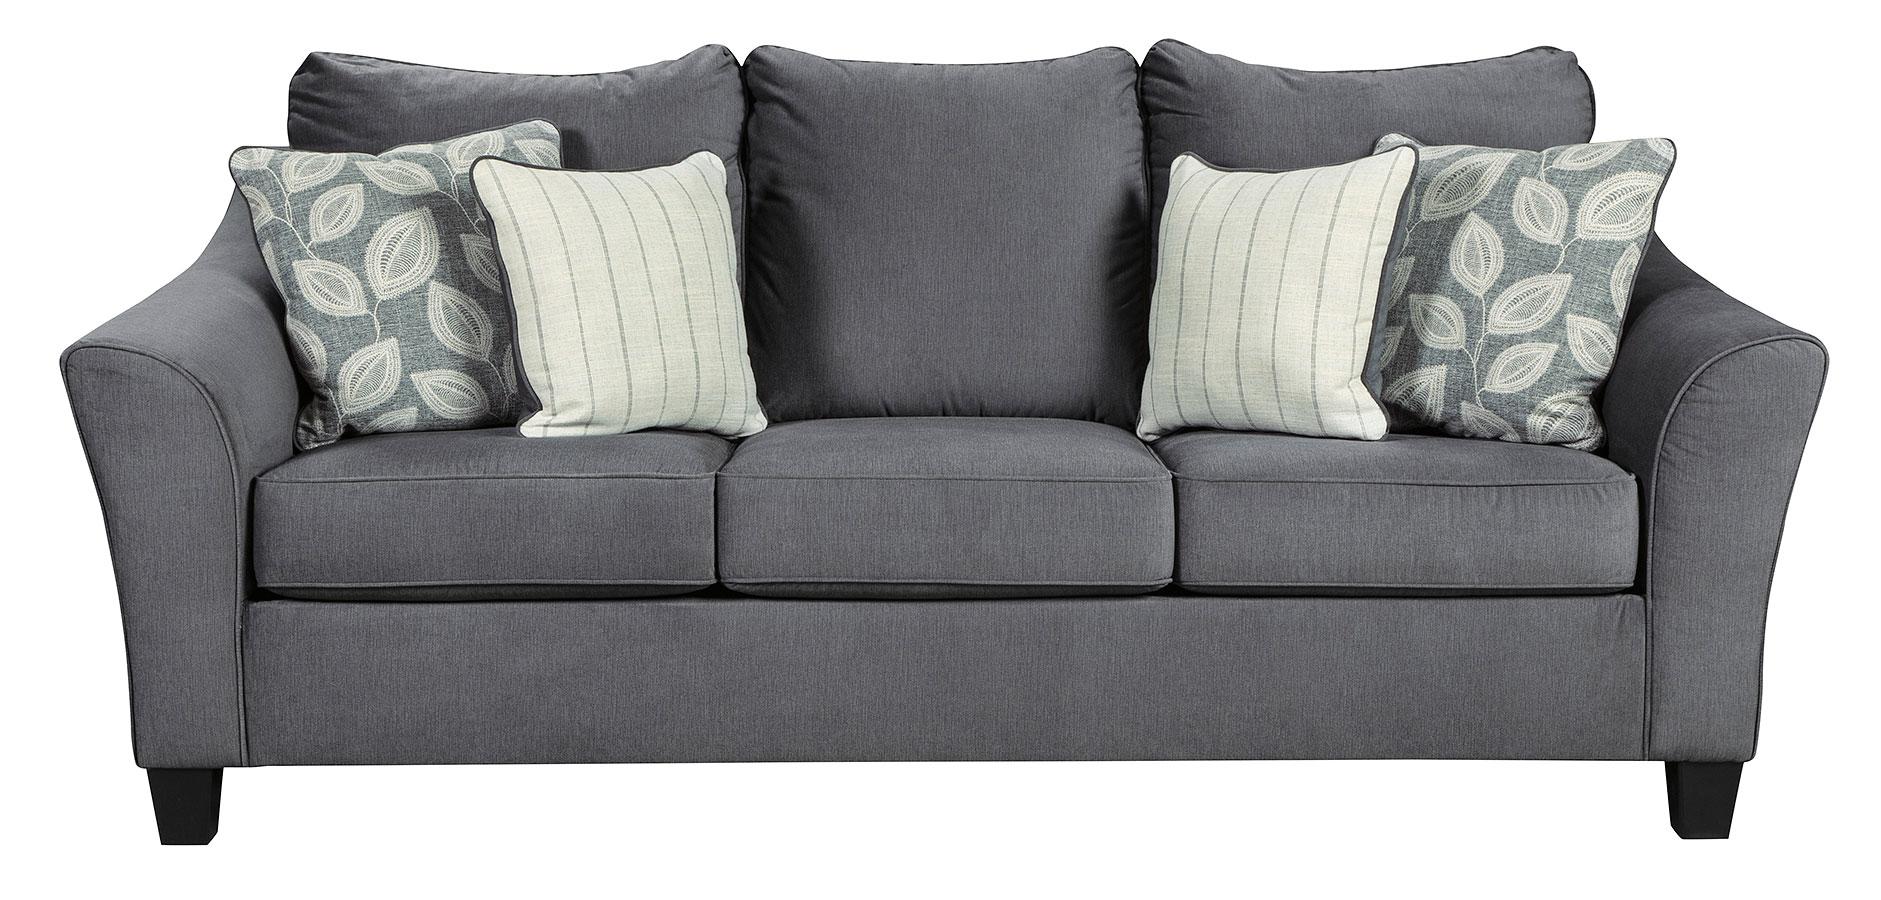 Sanzero Graphite Sofa Signature Design | Furniture Cart